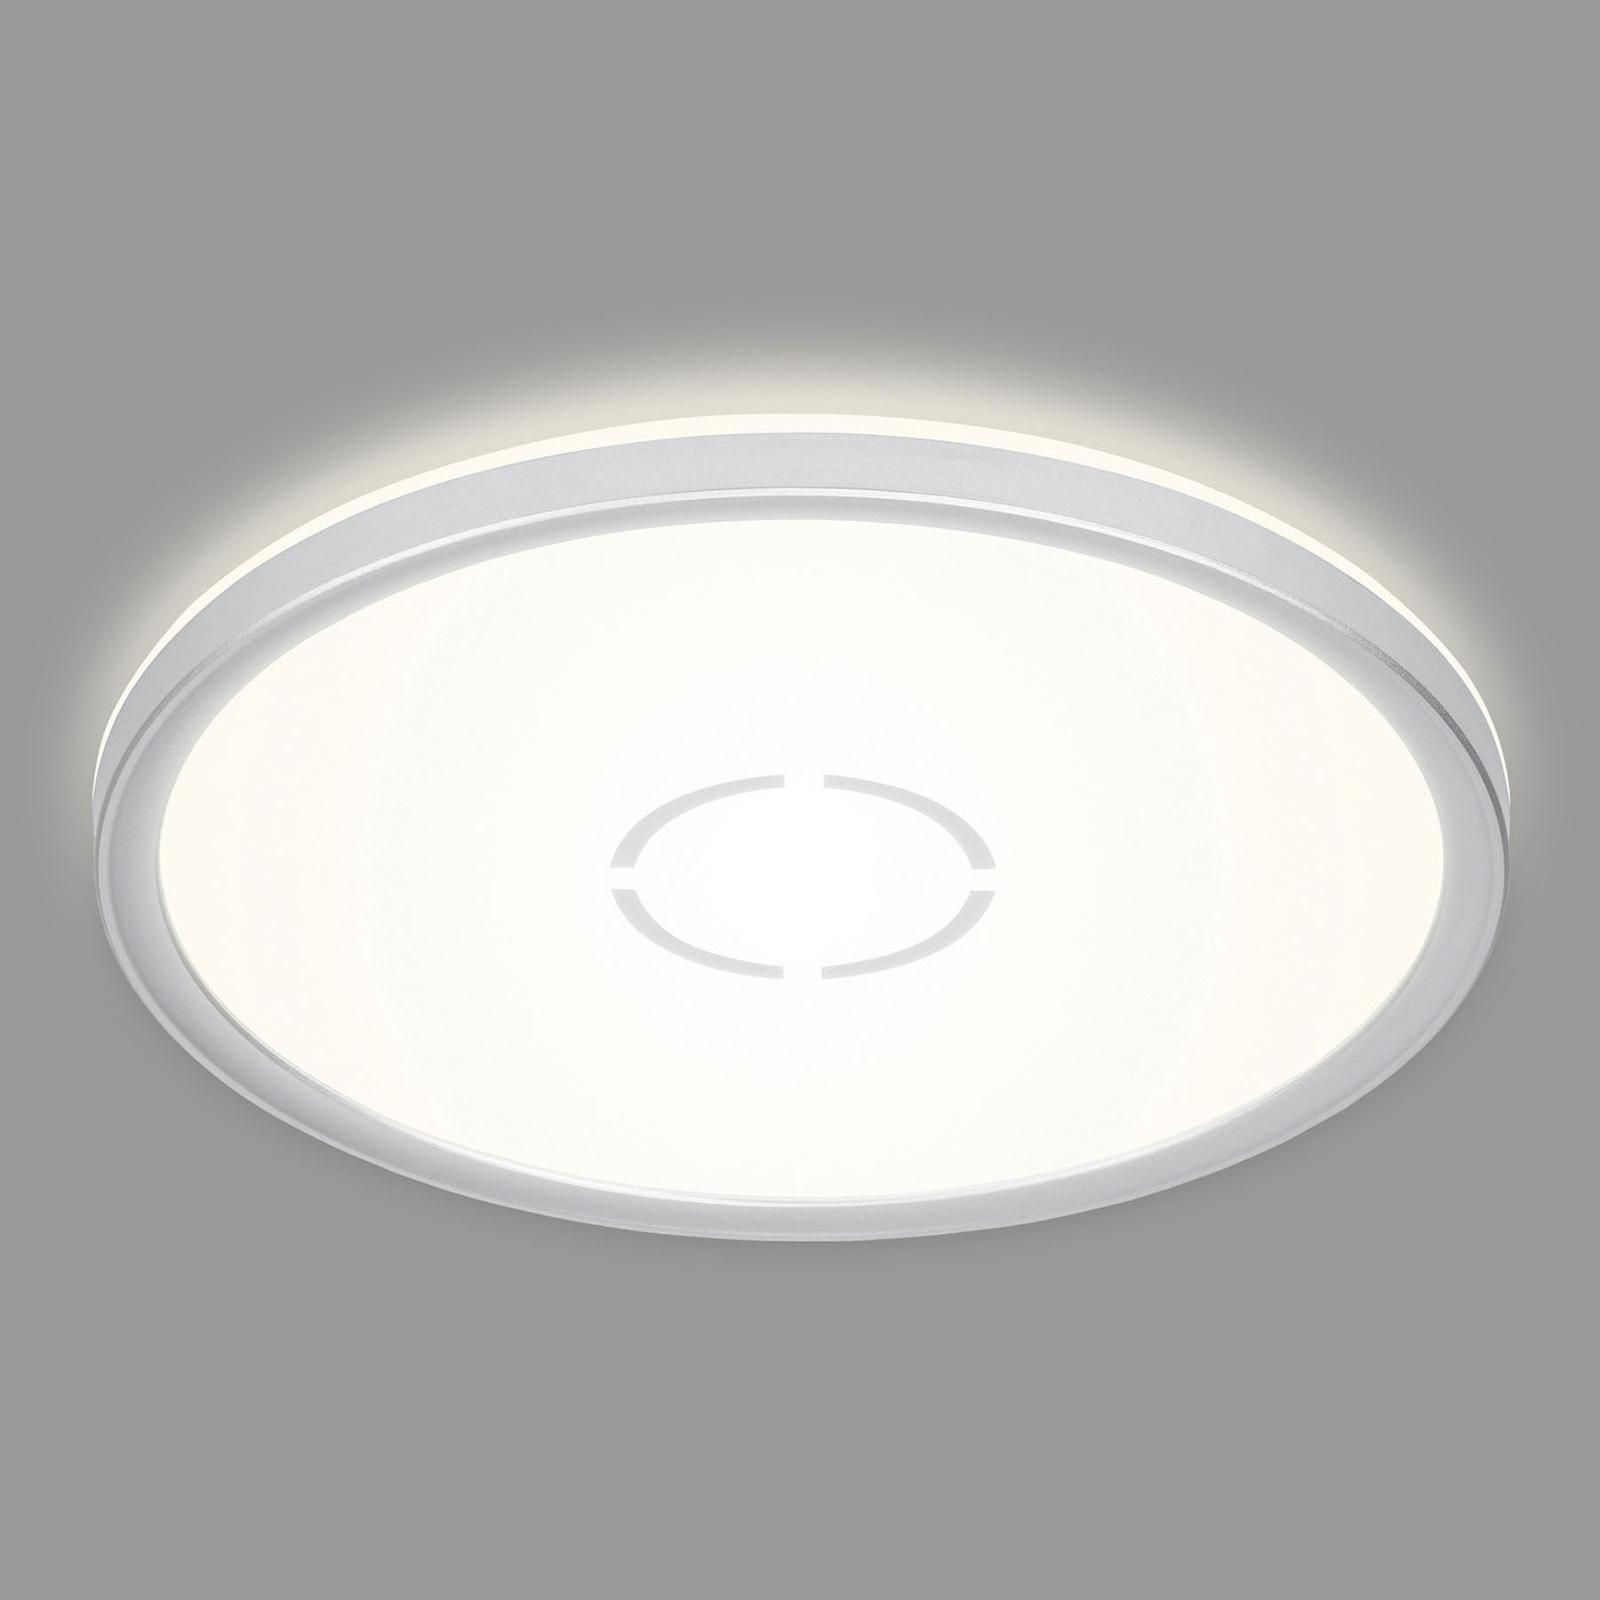 LED-Deckenleuchte Free, Ø 29 cm, silber